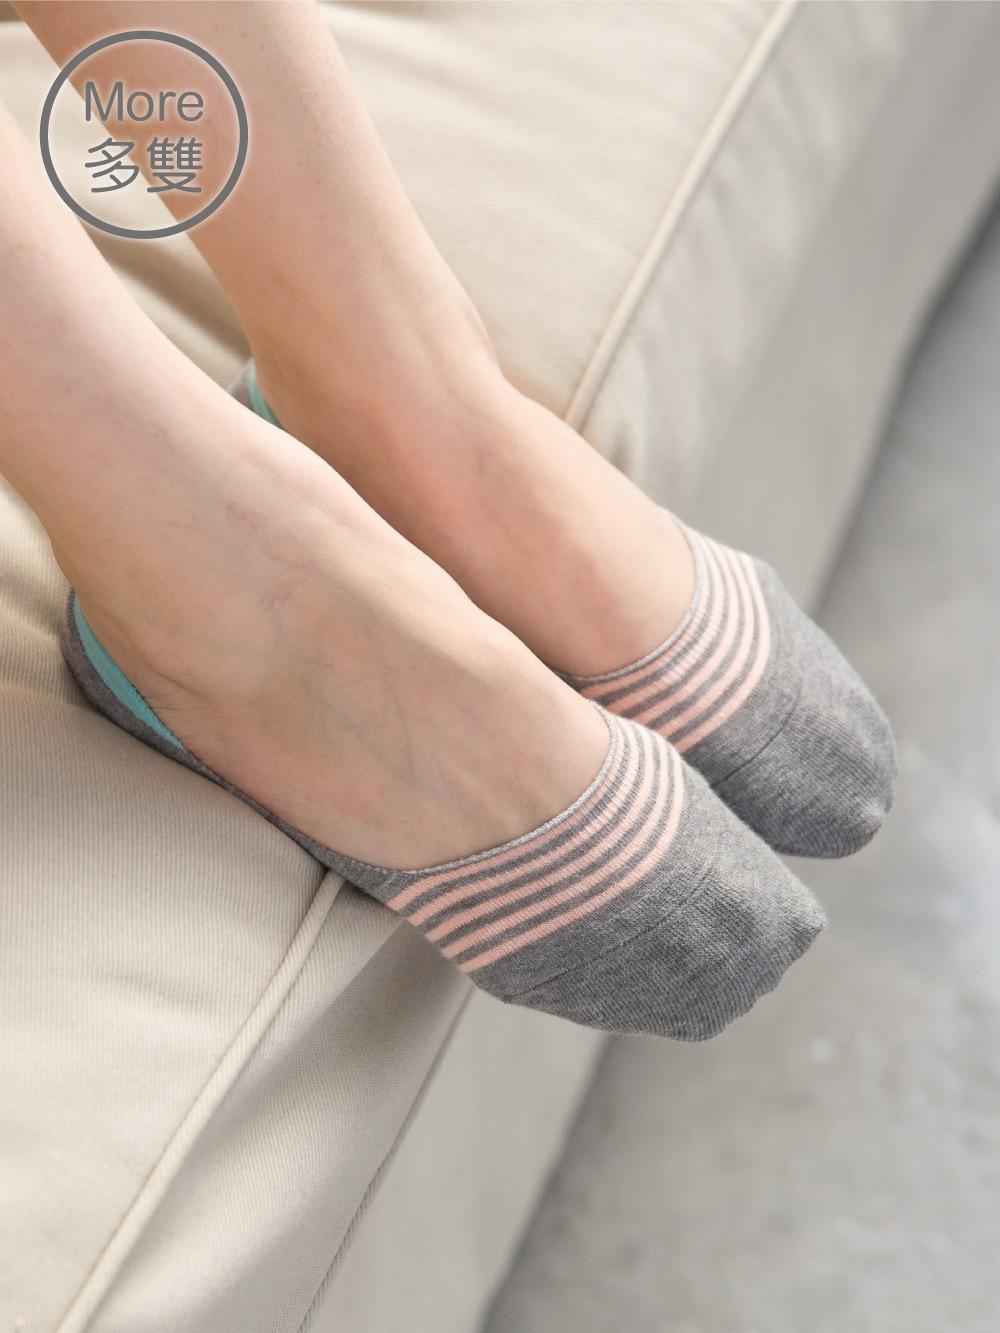 貝柔(6雙) 0束痕柔棉氣墊止滑襪套_粉彩條紋